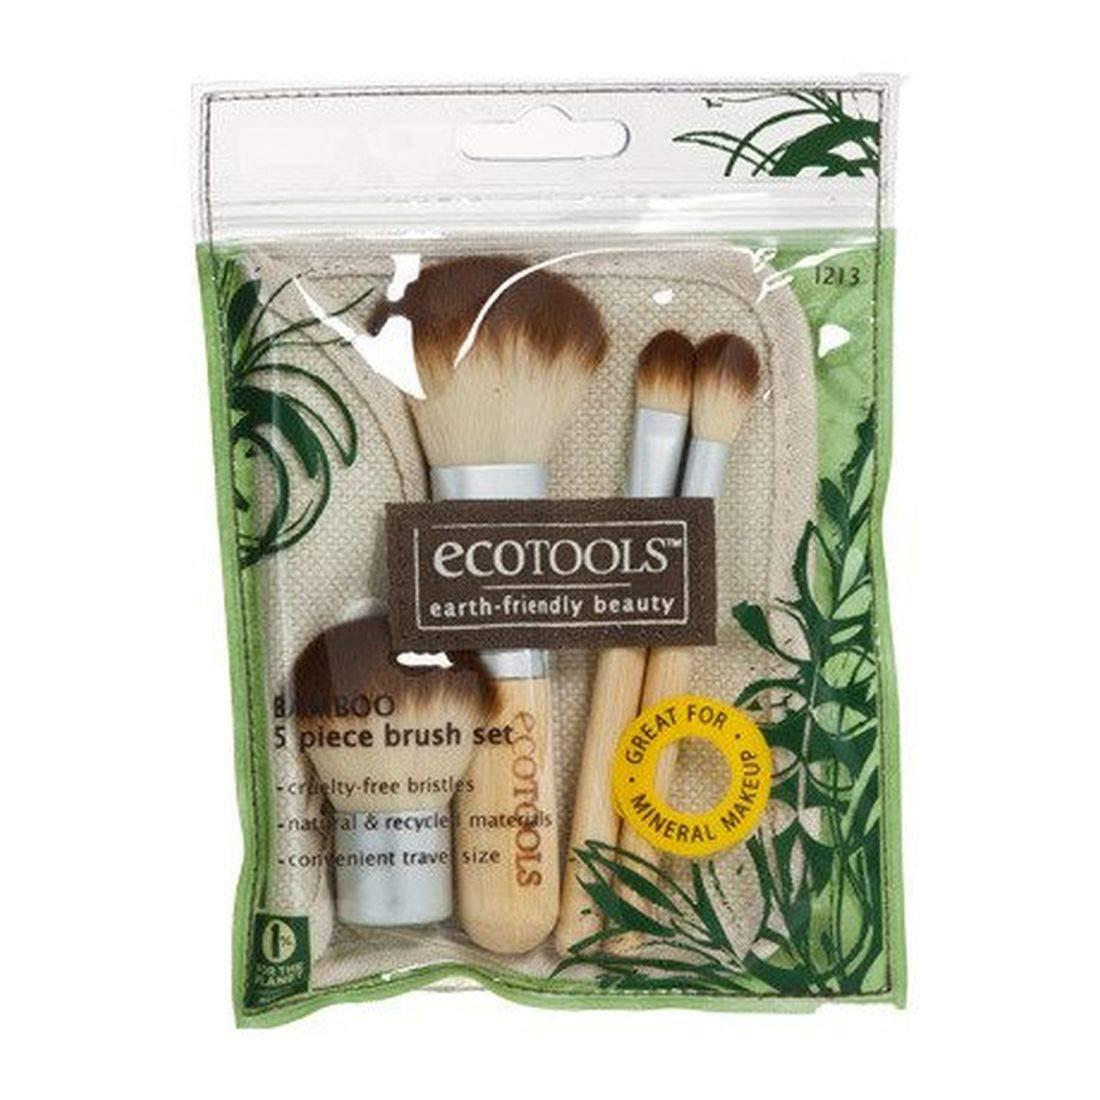 Authentic Organic Natural EcoTools BAMBOO Starter Makeup Brush Set Eco Tools Make up (11 piece makeup and starter set)